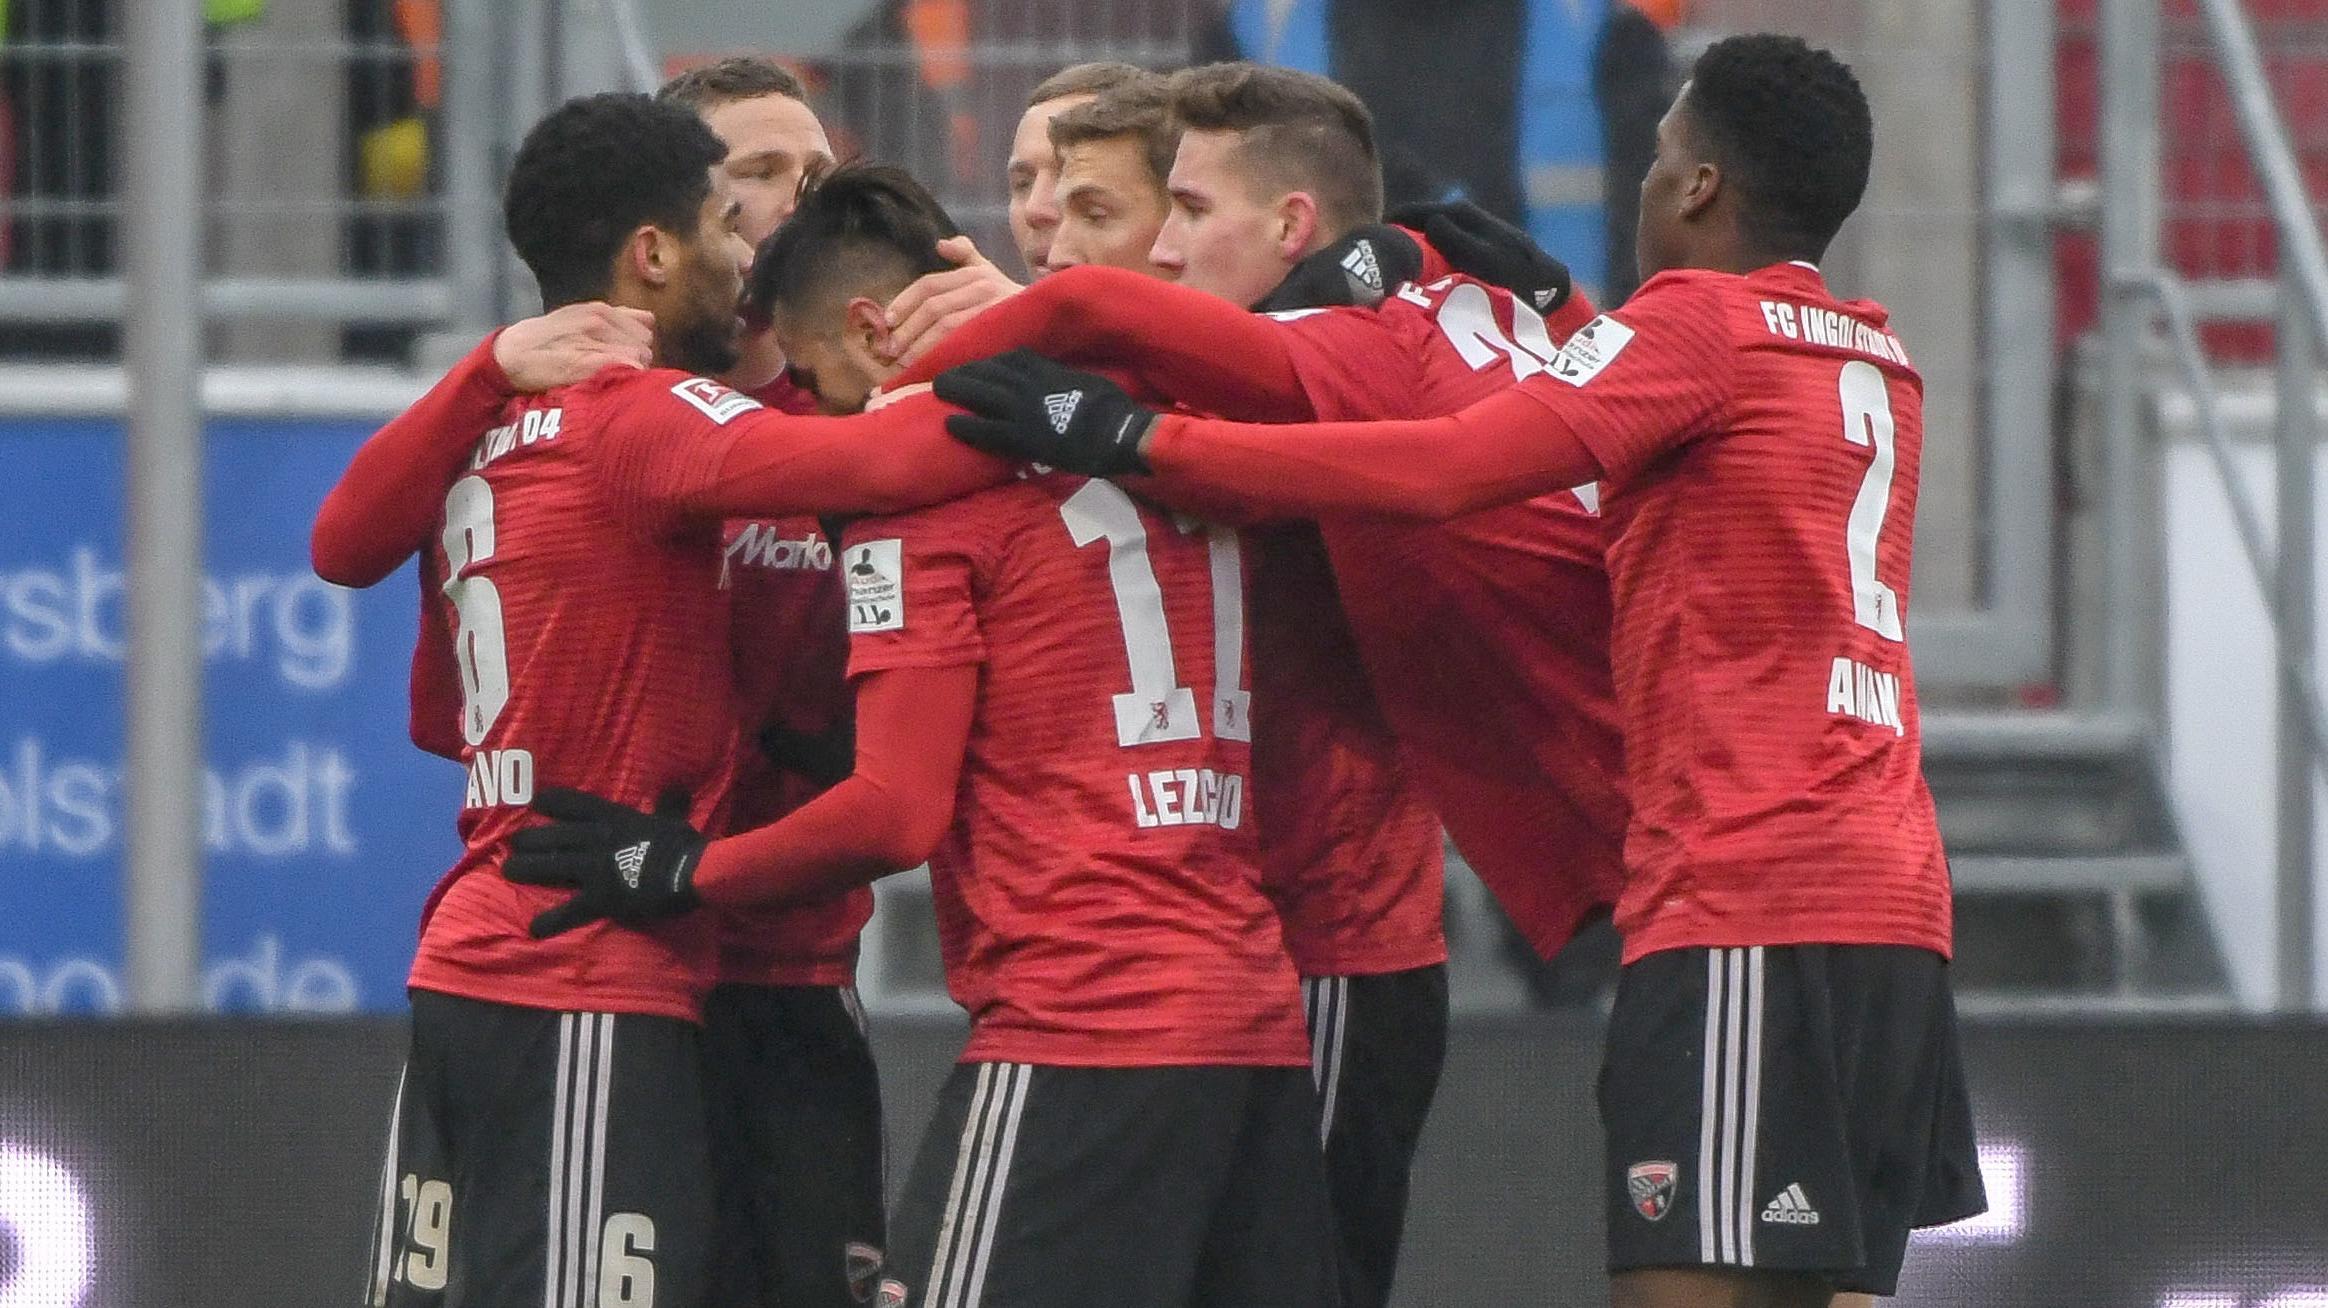 Die Mannschaft von Ingolstadt jubelt nach dem Treffer zum 1:0 gegen Heidenheim